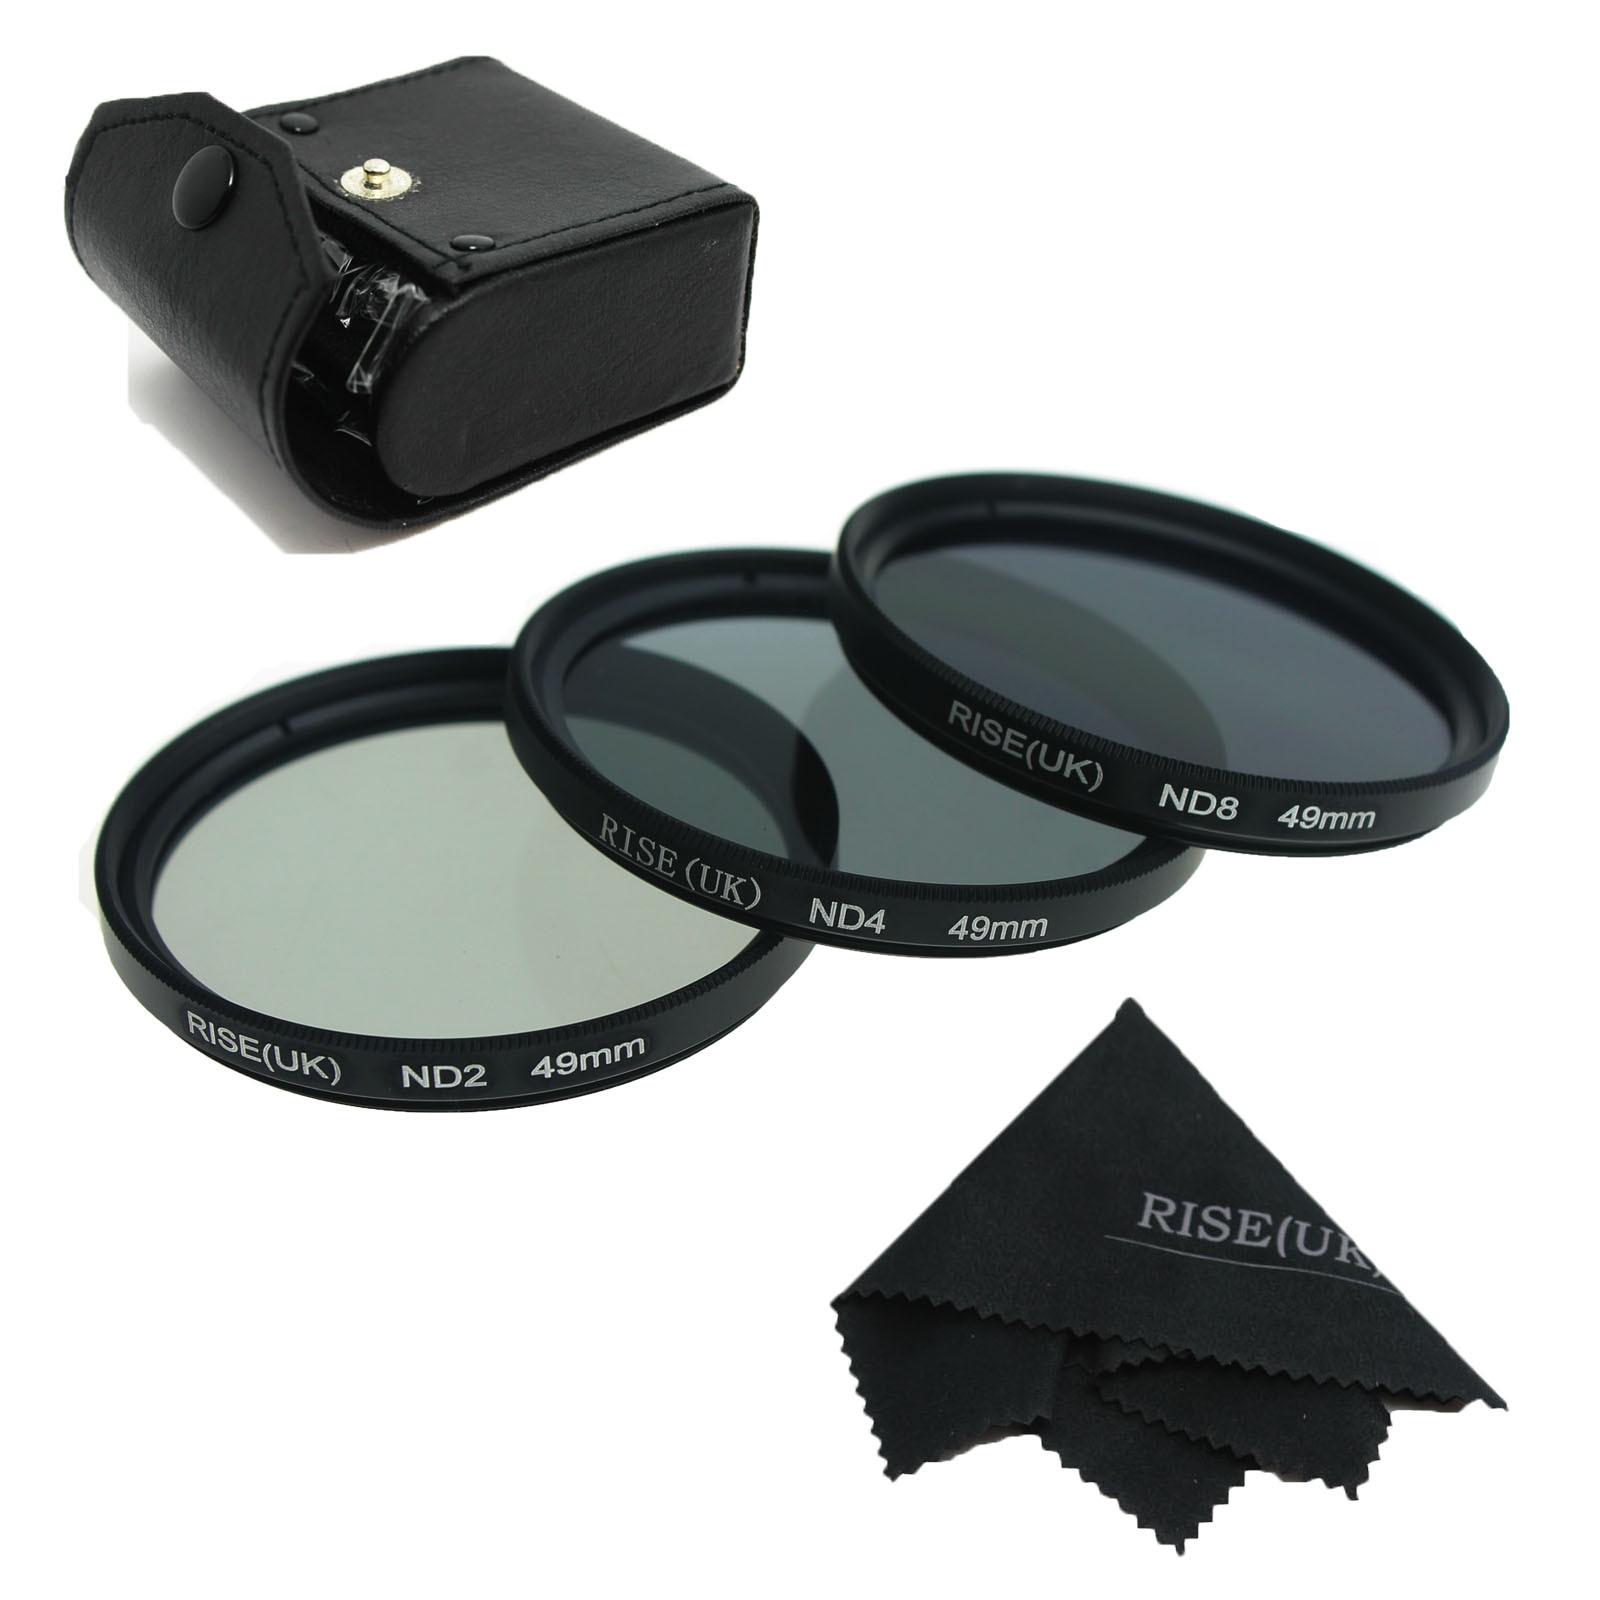 RISE(UK) 49mm 52mm 55mm 58mm 62mm 67mm 72mm 77MM Neutral Density Filter Lens Set Kit ND2 ND4 ND8 ND 2 4 8